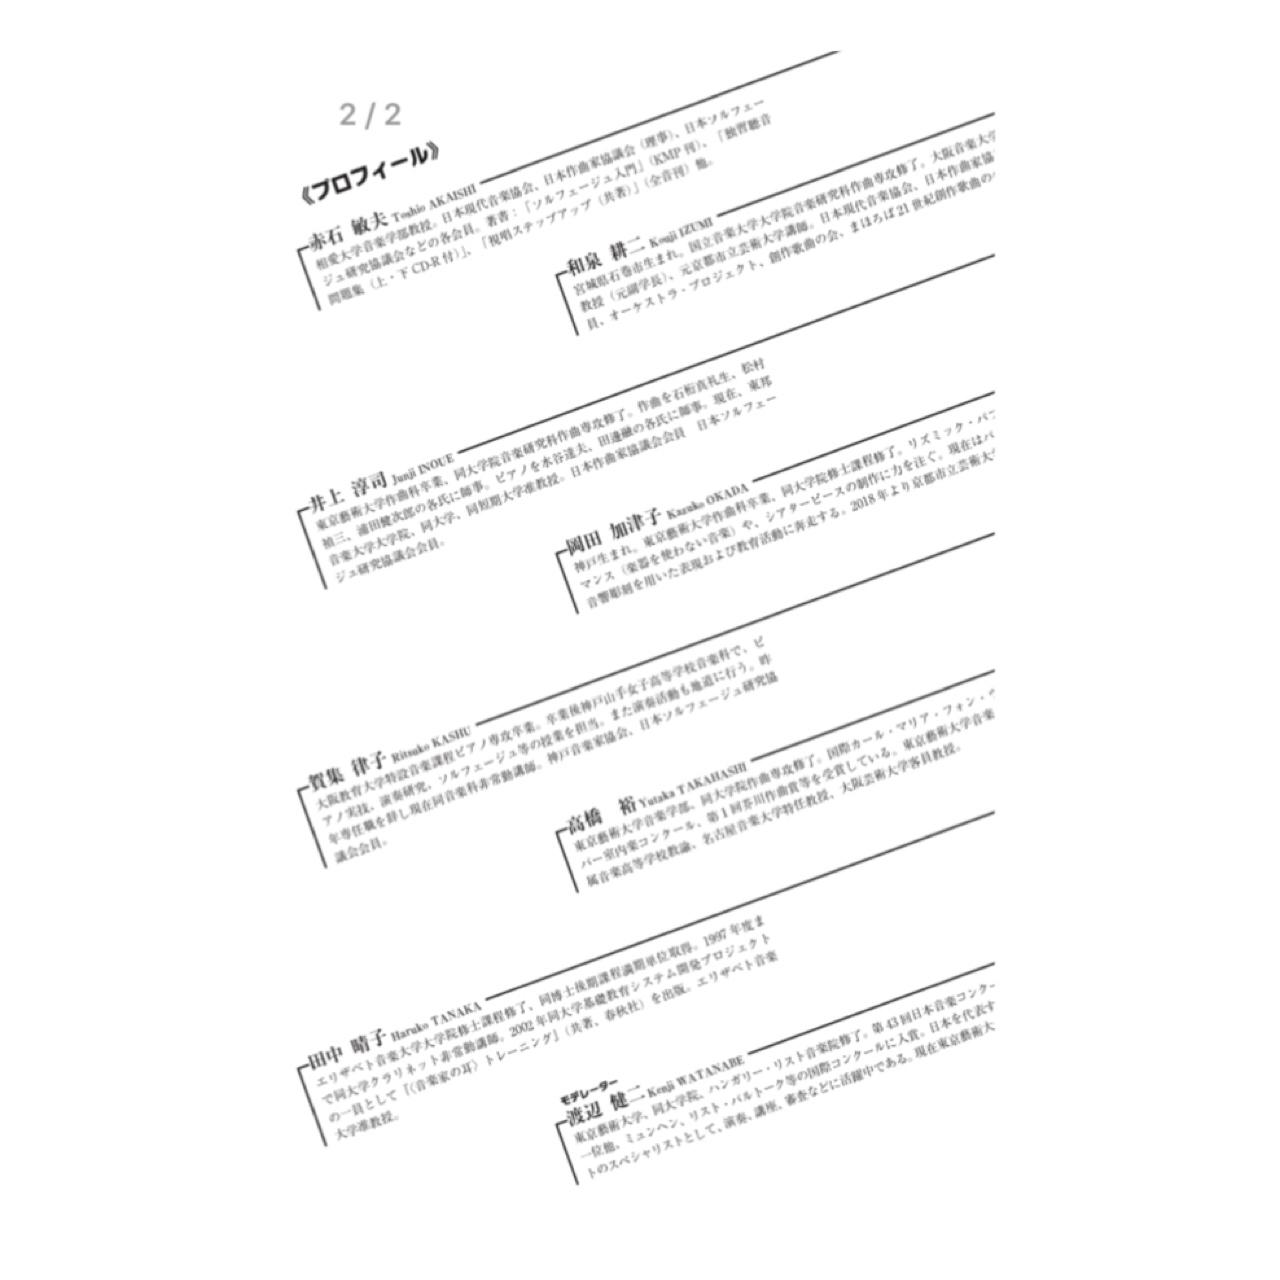 日本ソルフェージュ研究協議会主催「10周年記念ディスカッション」_b0191609_15074928.jpg